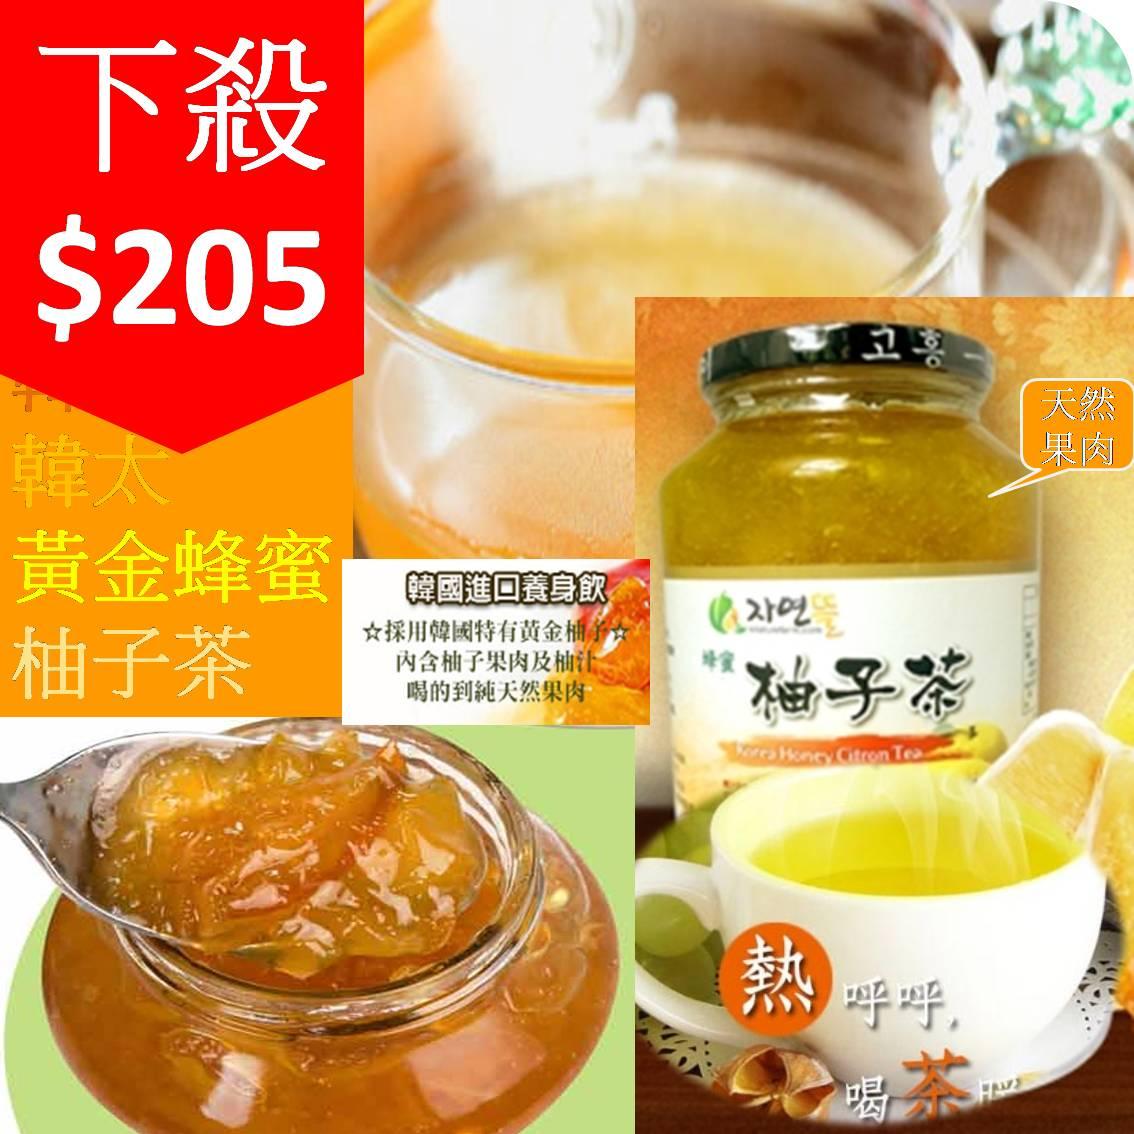 韓太 韓國黃金蜂蜜柚子茶 1kg,1罐入   【樂活生活館】